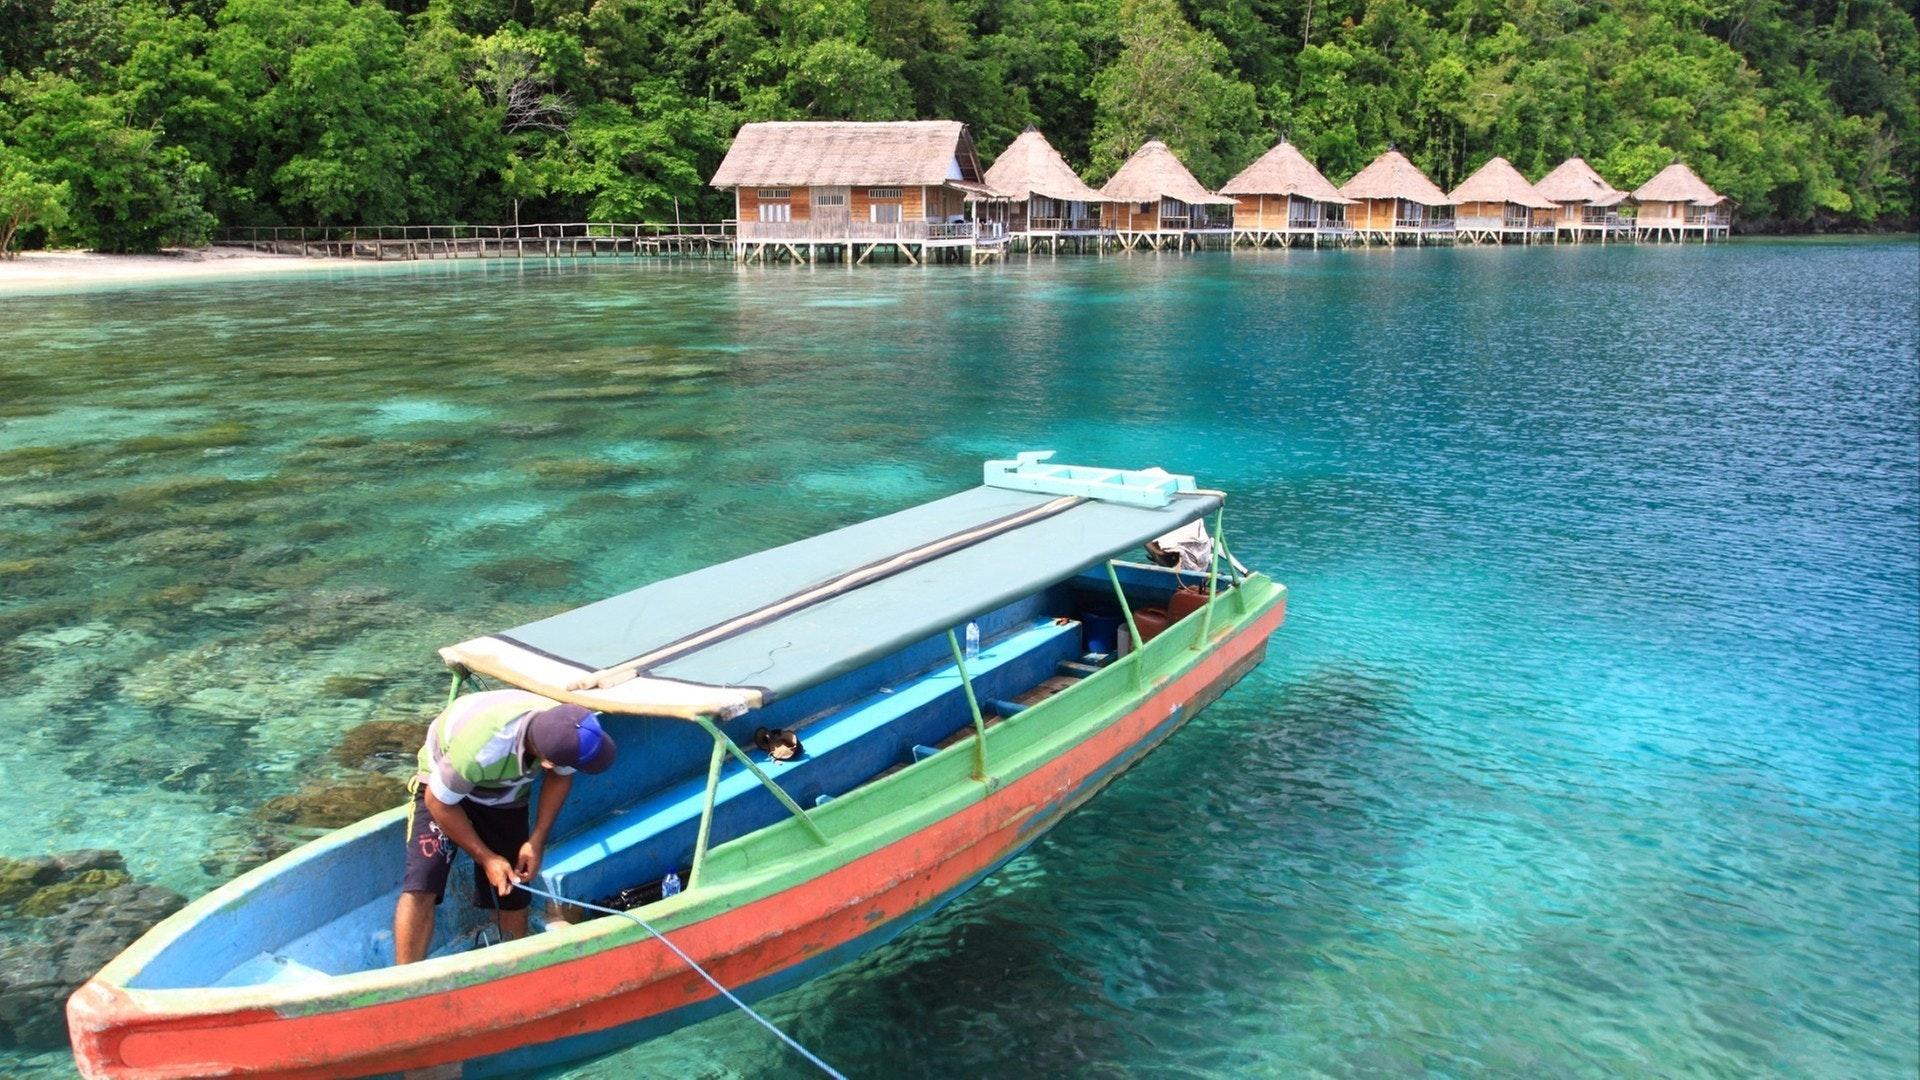 Ora Beach Resort à Seram Island, Maluku central, Indonésie